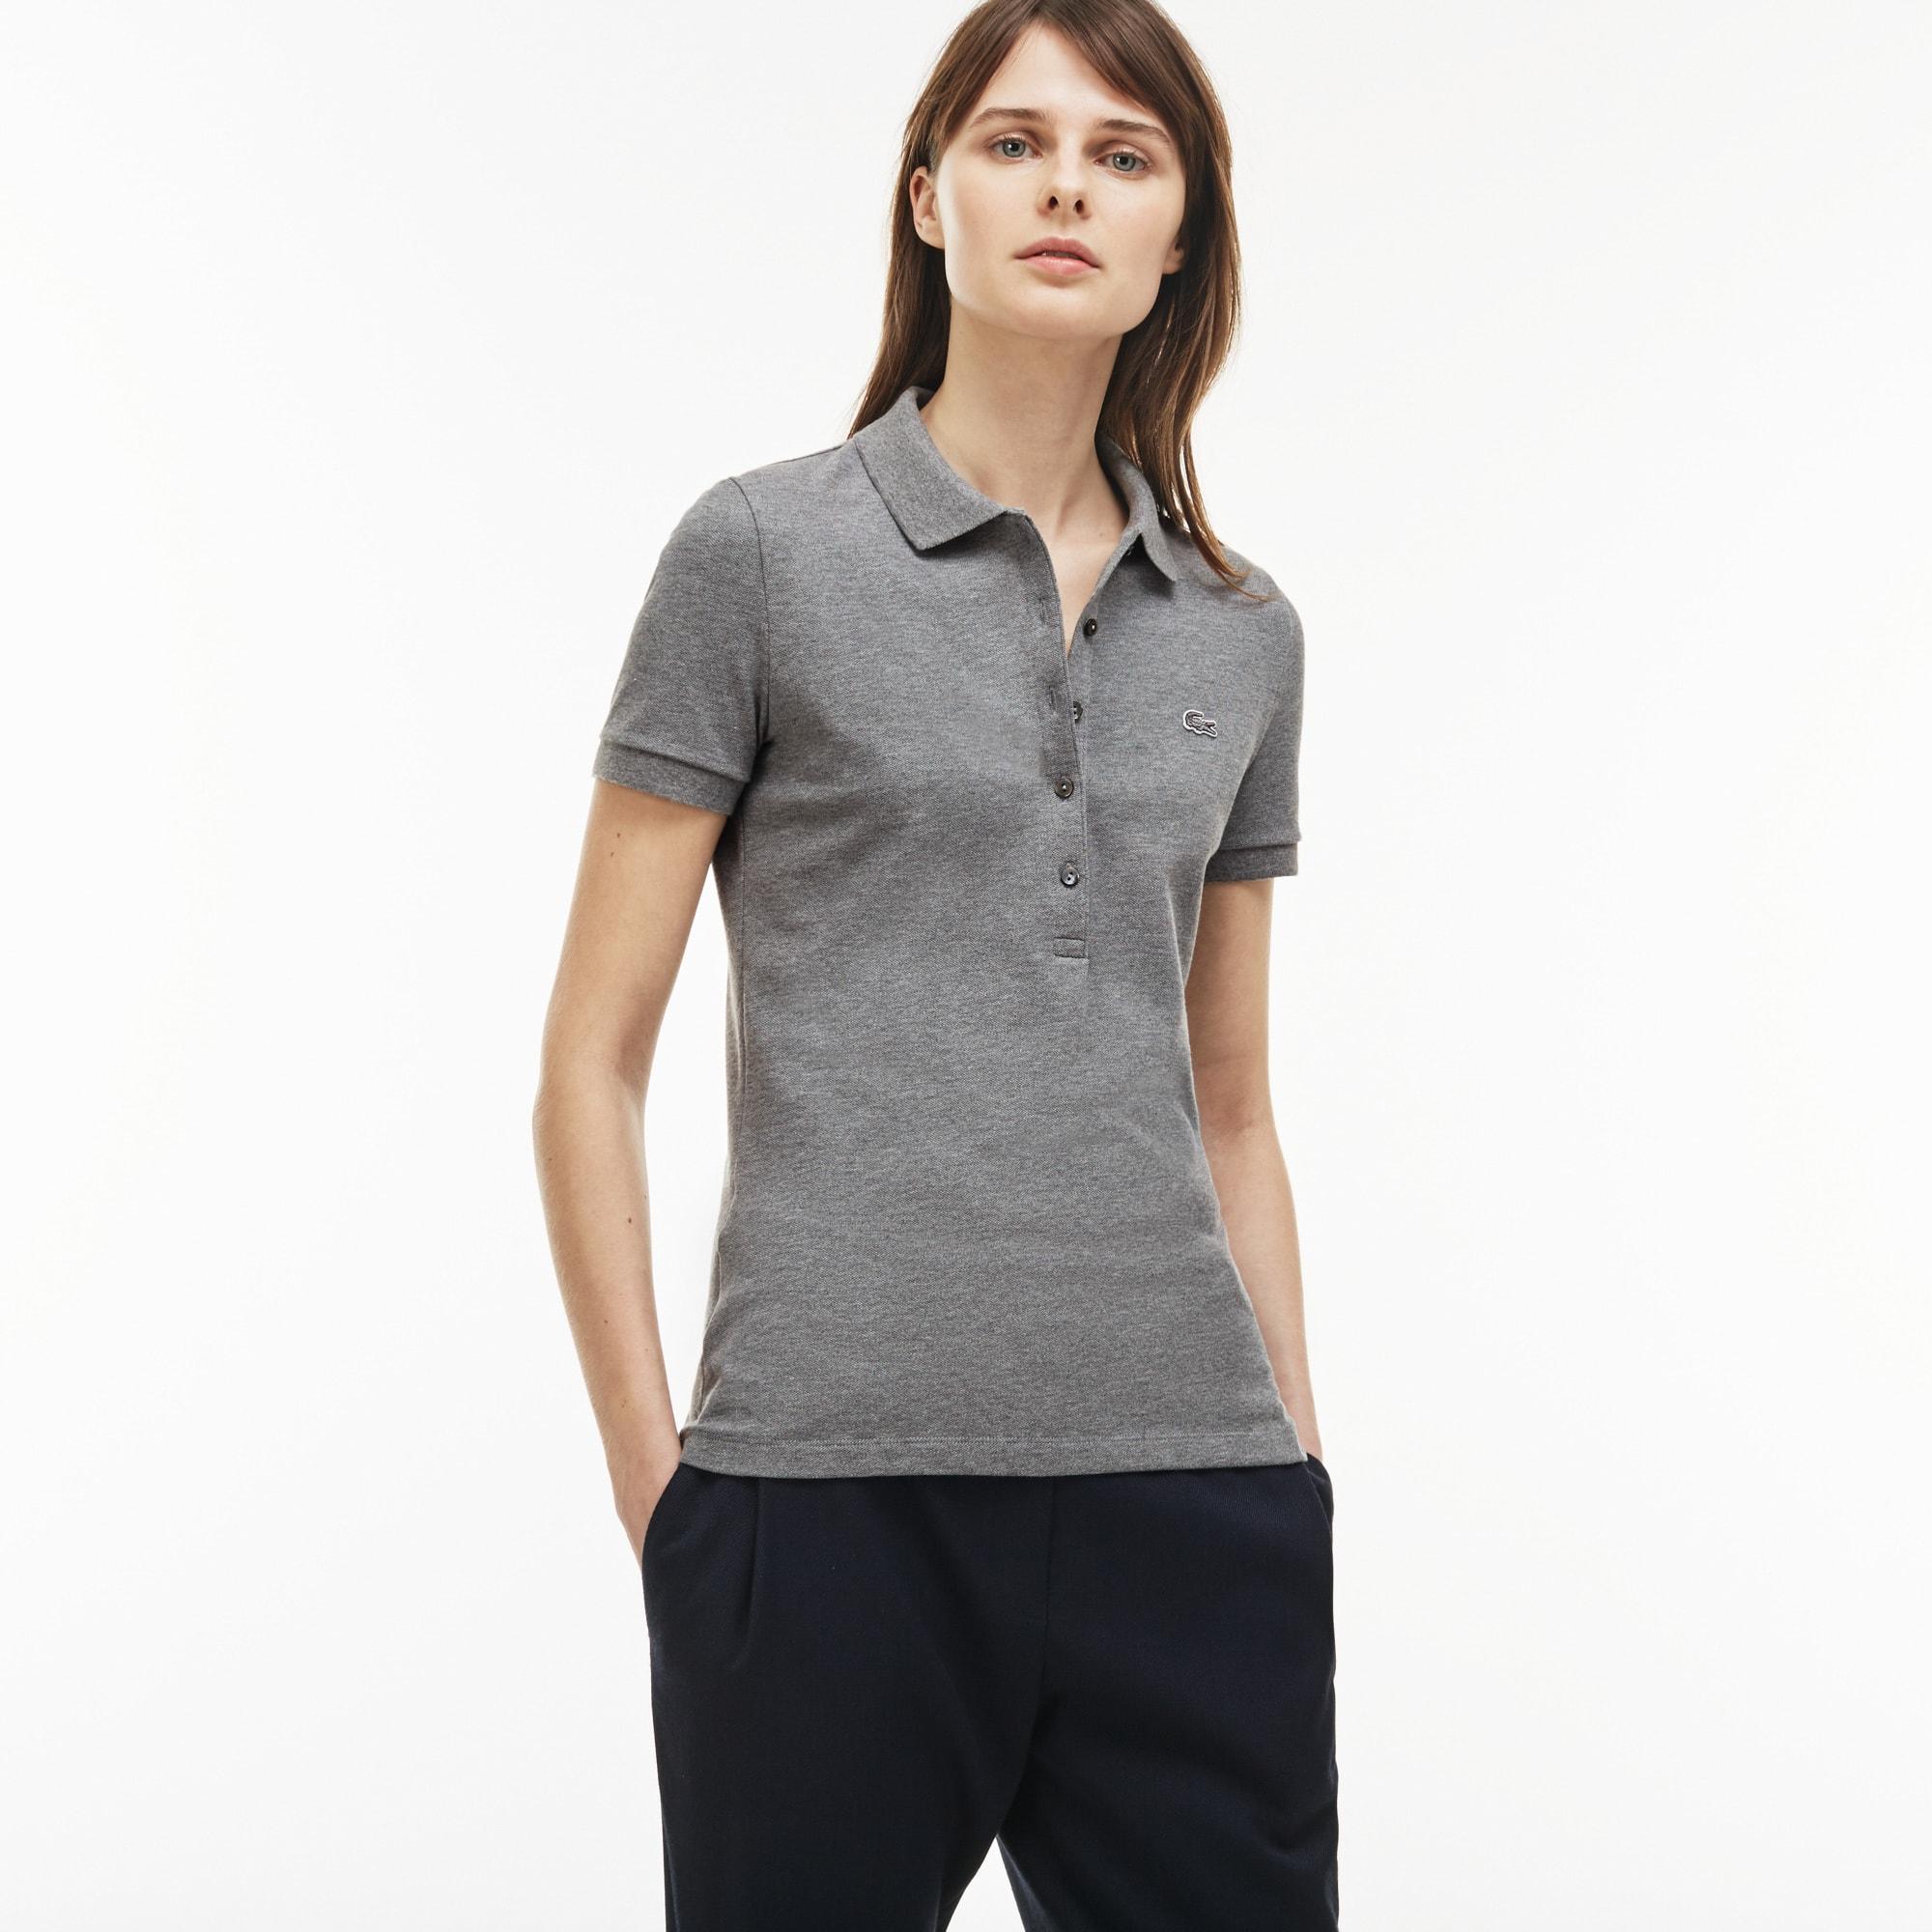 Polo slim fit Lacoste in mini piqué di cotone stretch tinta unita